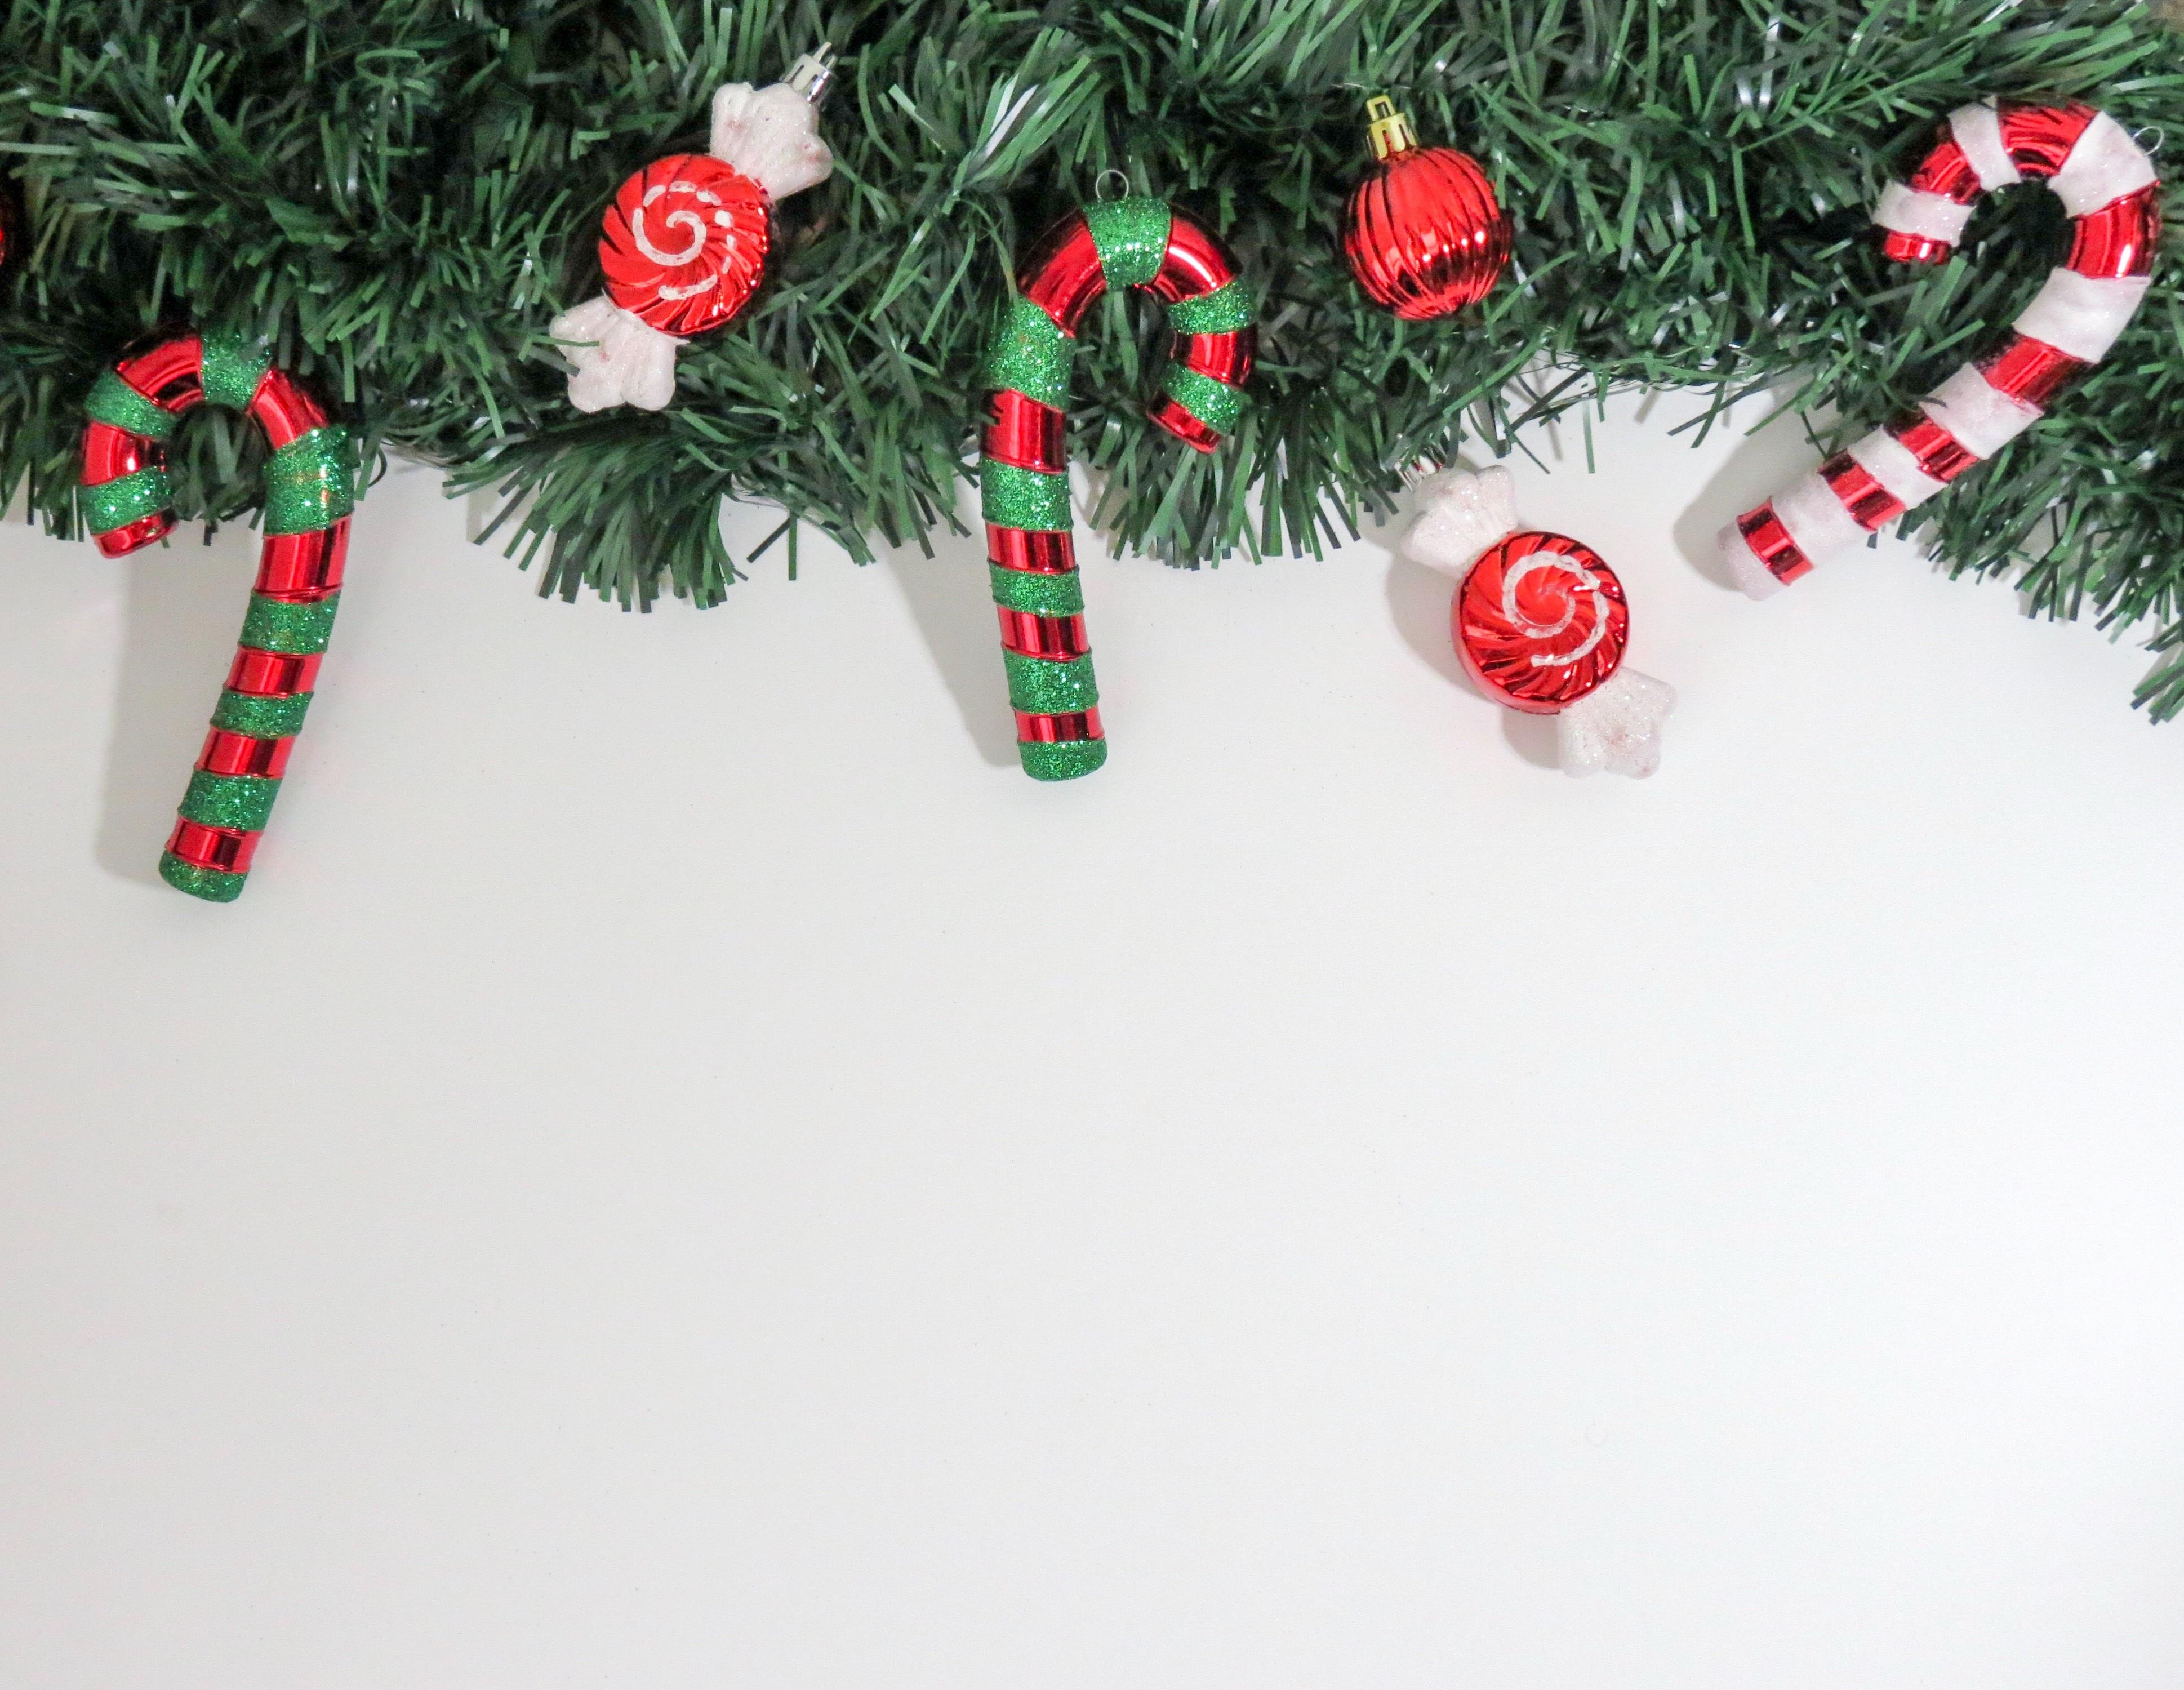 kostenlose foto dekoration gr n rot urlaub weihnachten tanne dekor weihnachtsbaum. Black Bedroom Furniture Sets. Home Design Ideas